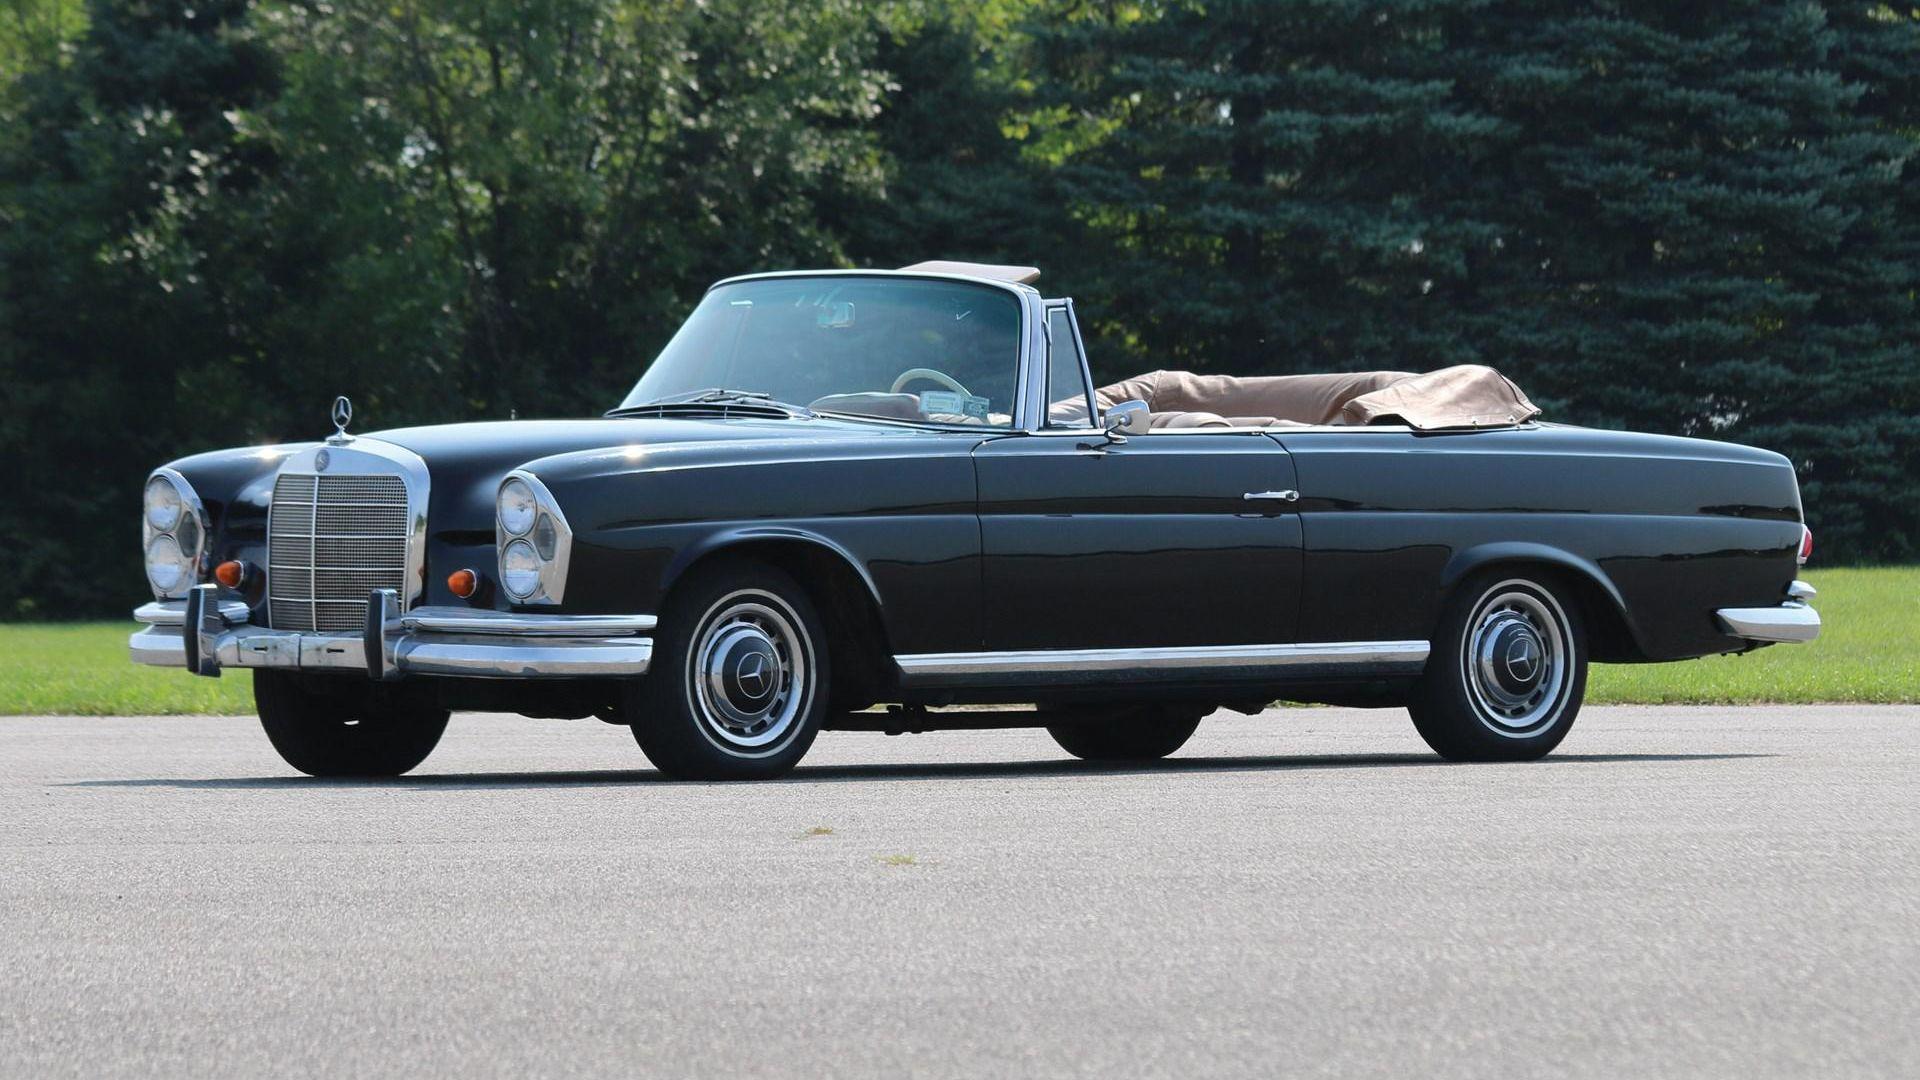 1965 Mercedes-Benz 220 SE Cabriolet